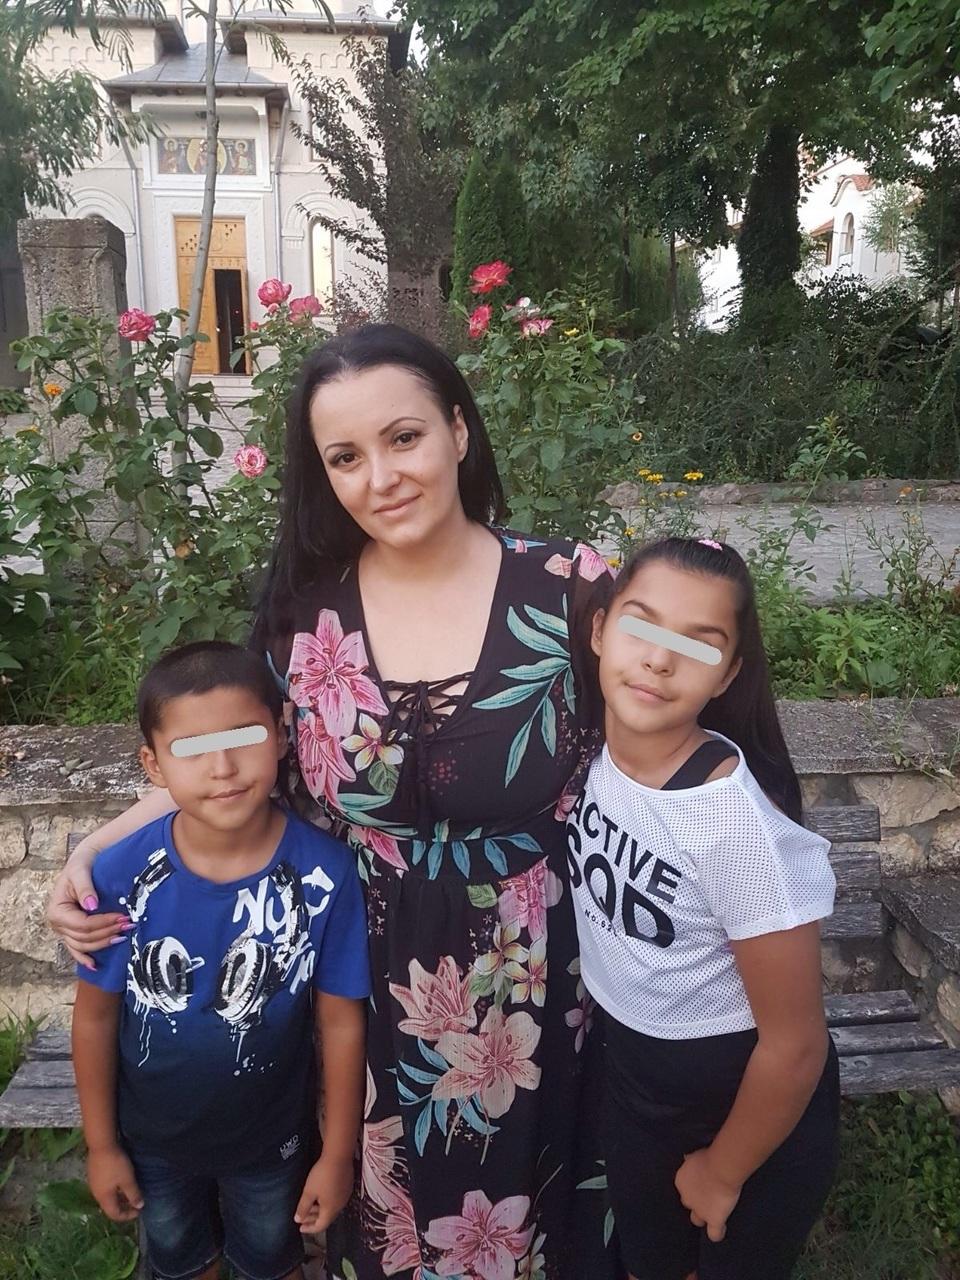 Silvana Riciu si-a dus copiii in vacanta la Dervent! Acolo e inmormantat tatal care a parasit-o dupa moartea mamei! Afla detalii despre pomana pe care artista o va face odata cu cea a lui Aurelian Preda FOTO EXCLUSIV